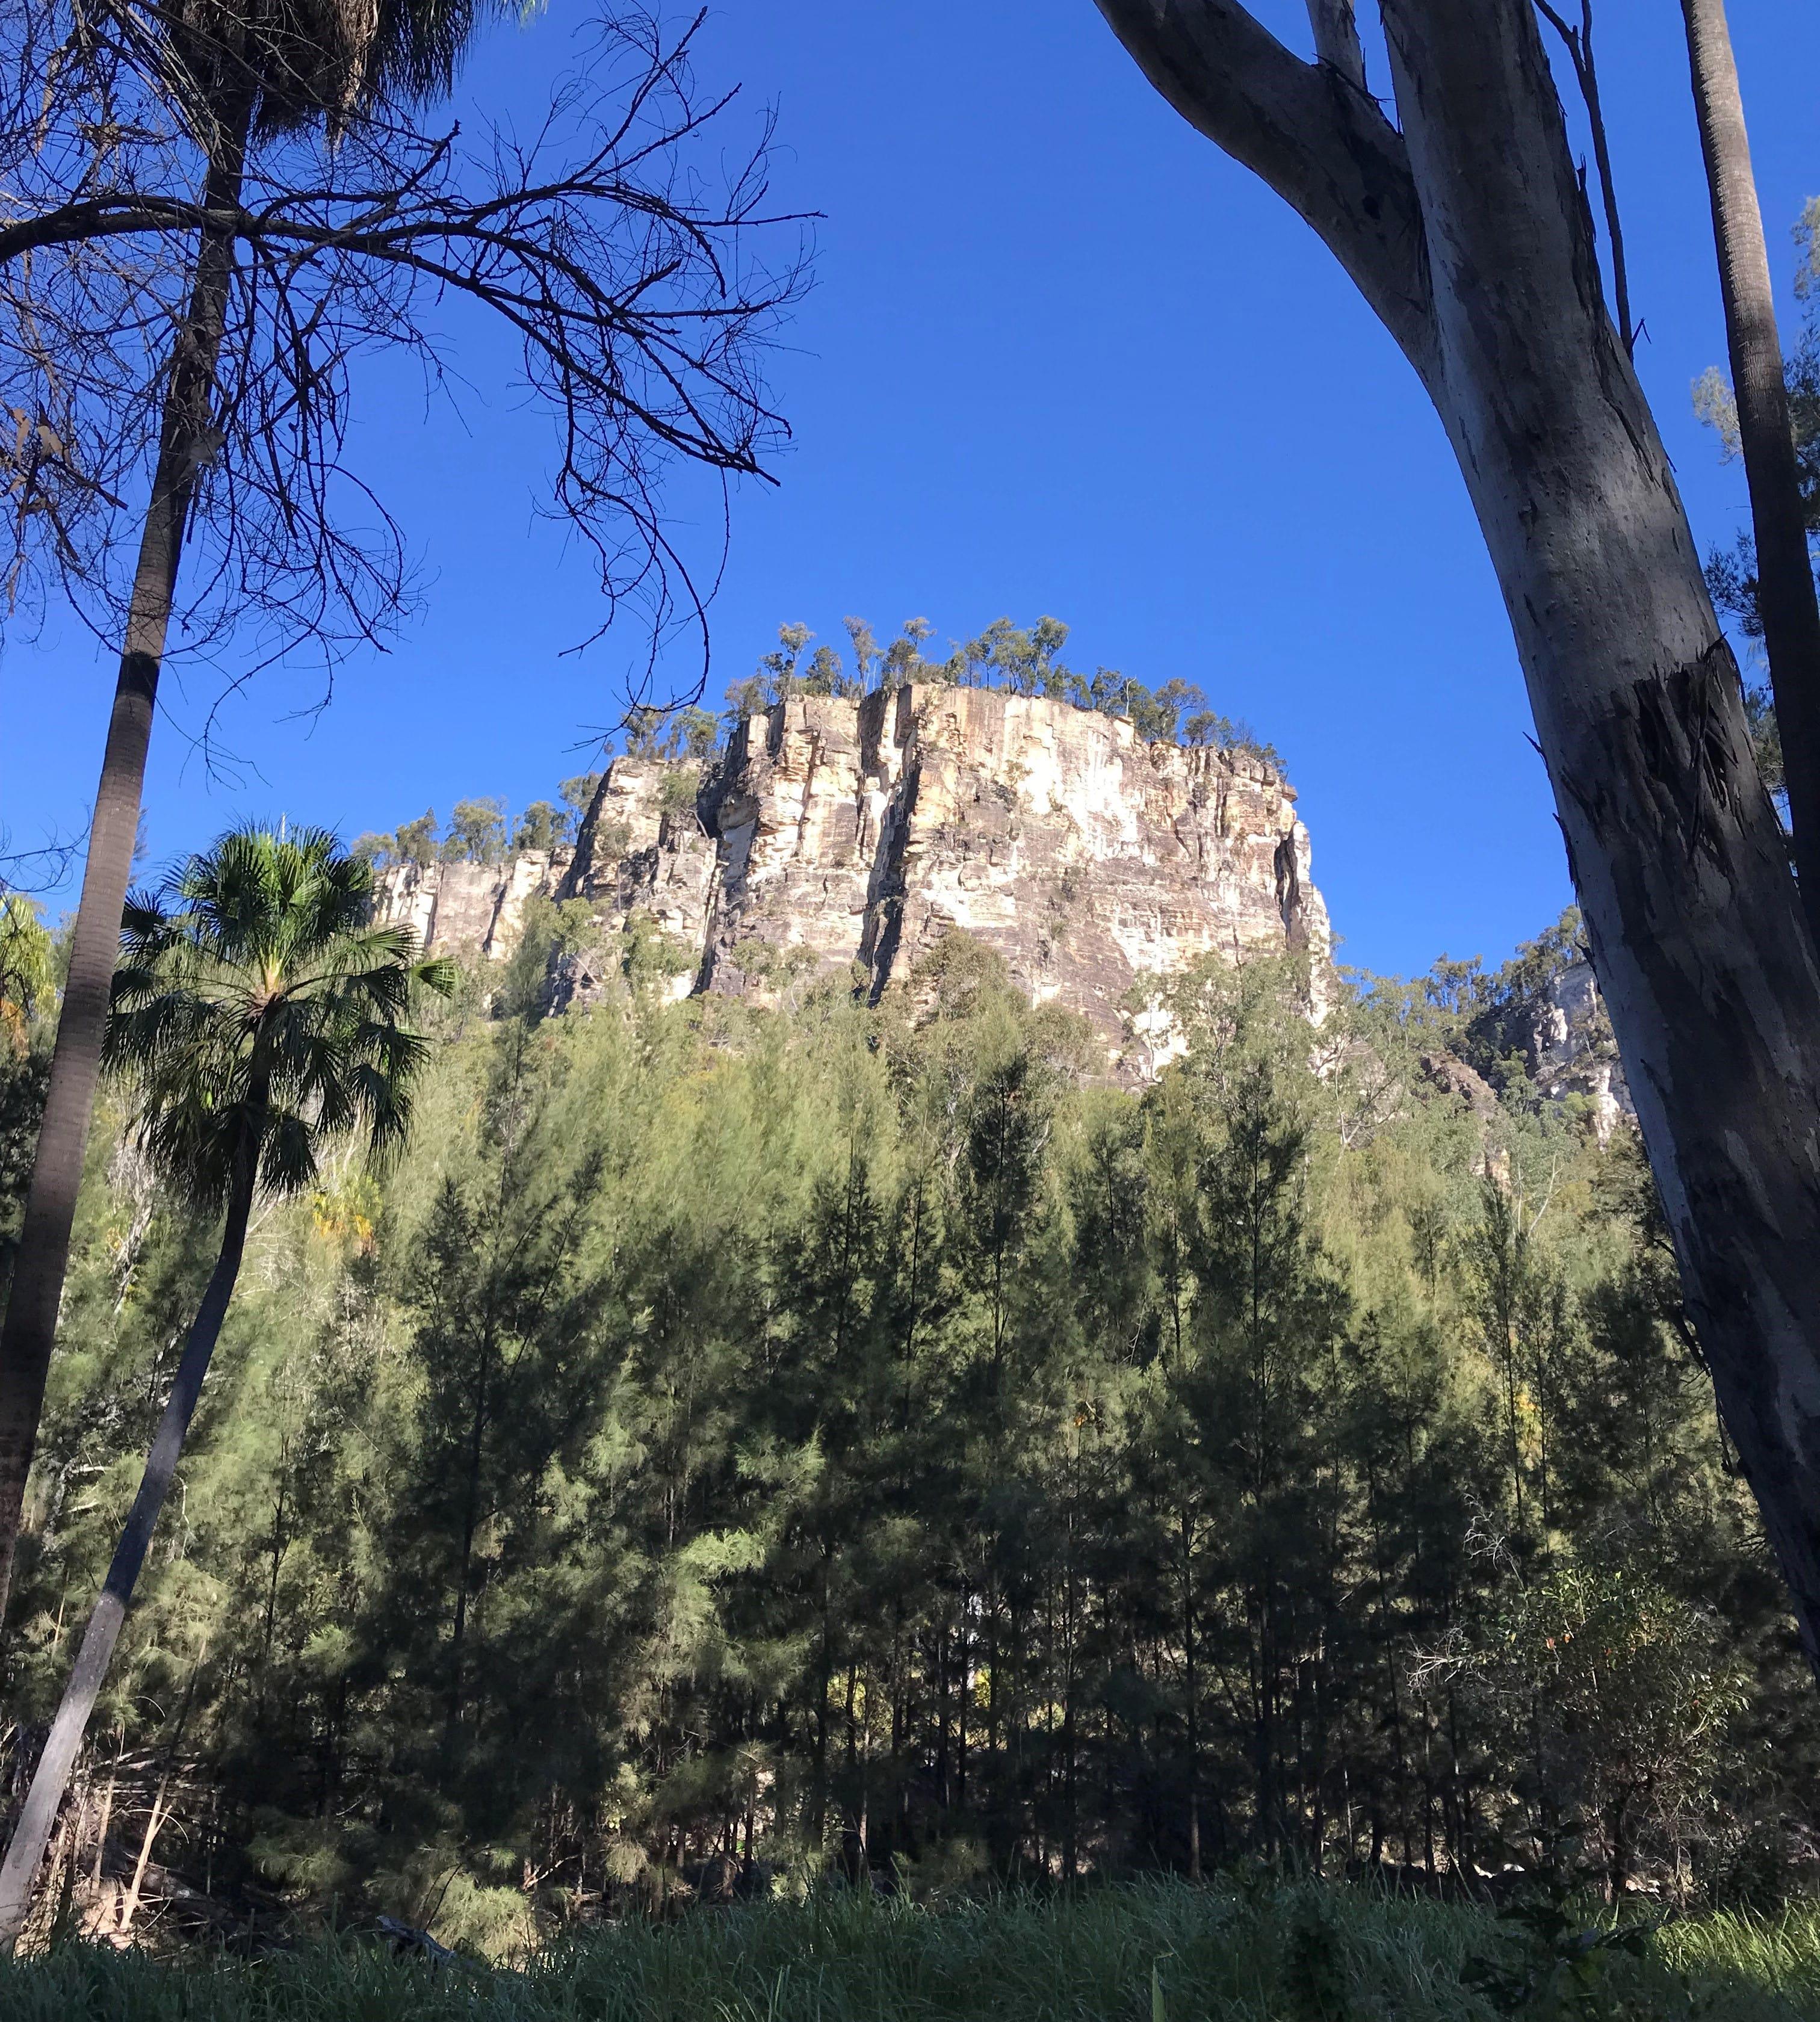 large rock formation in outback queensland carnarvon gorge national park australia